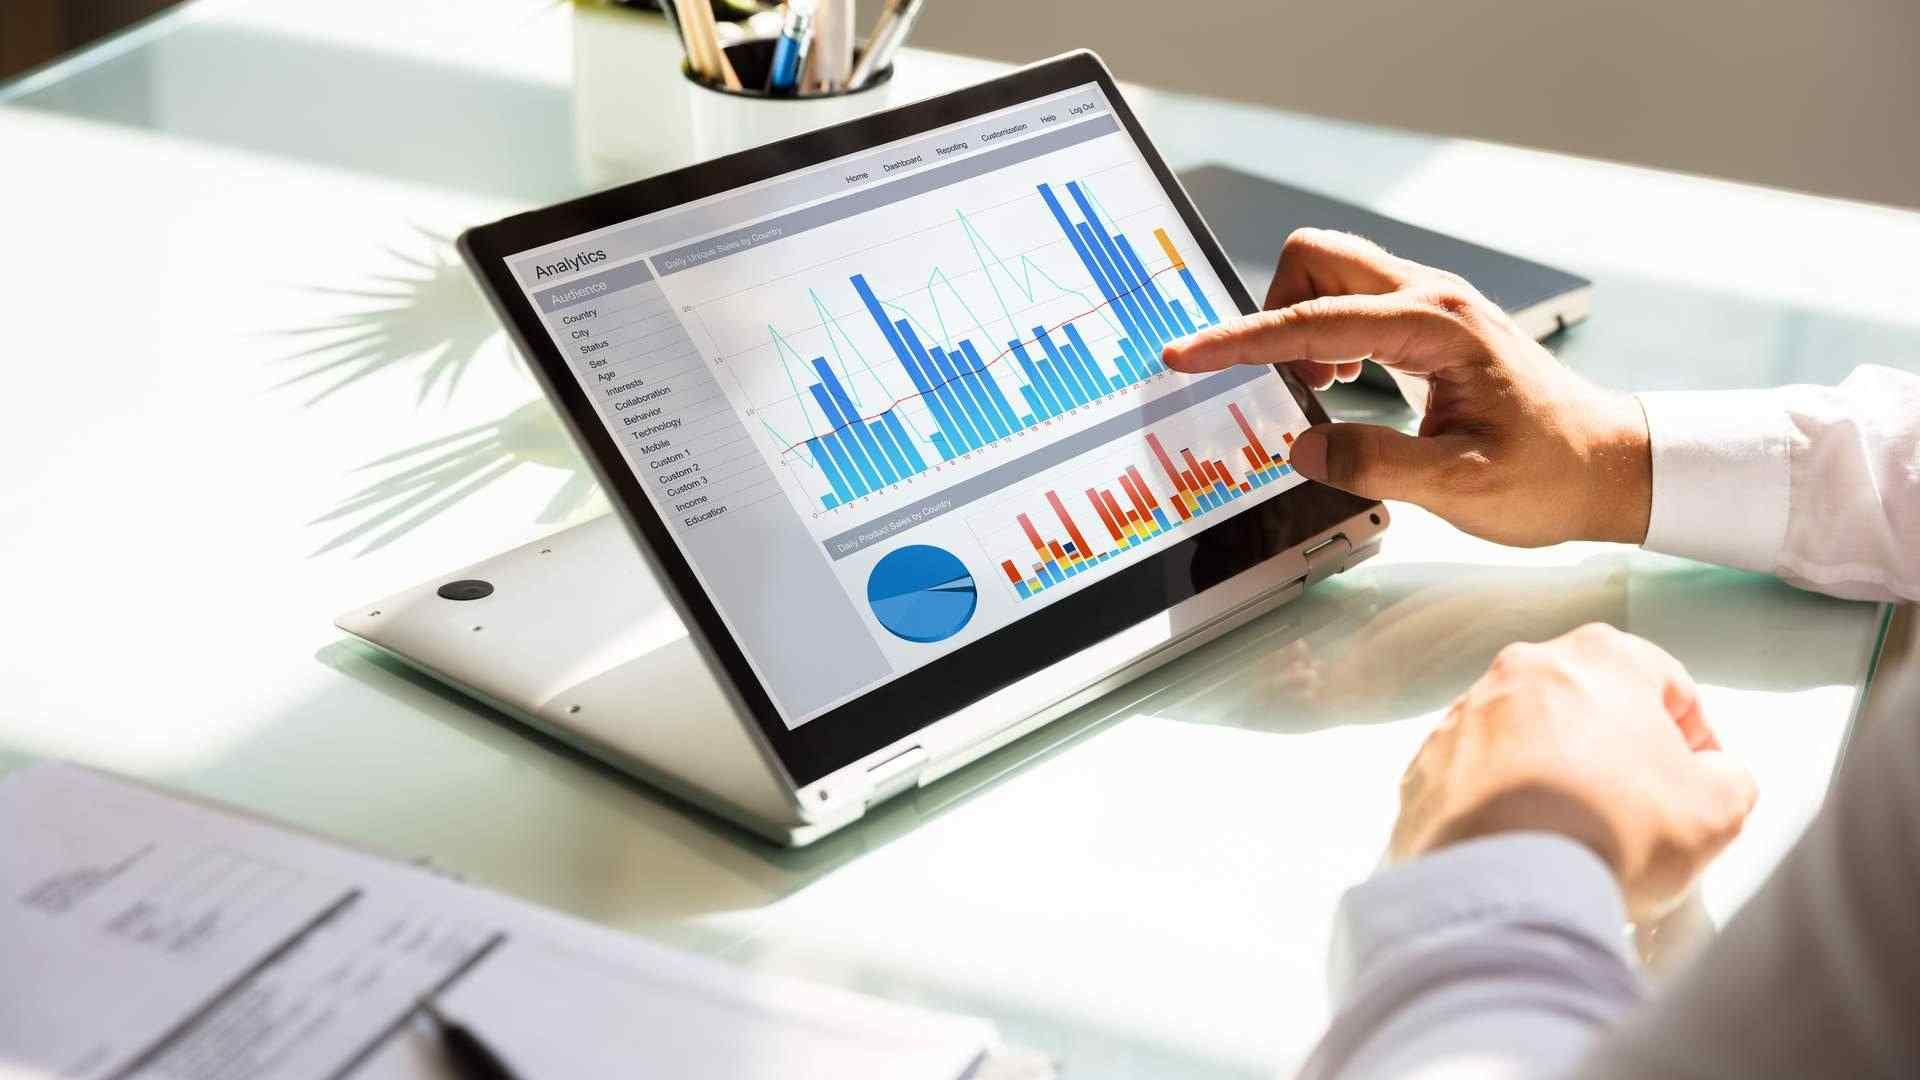 Homem observando gráficos empresariais em notebook 2 em 1 dobrado para trás